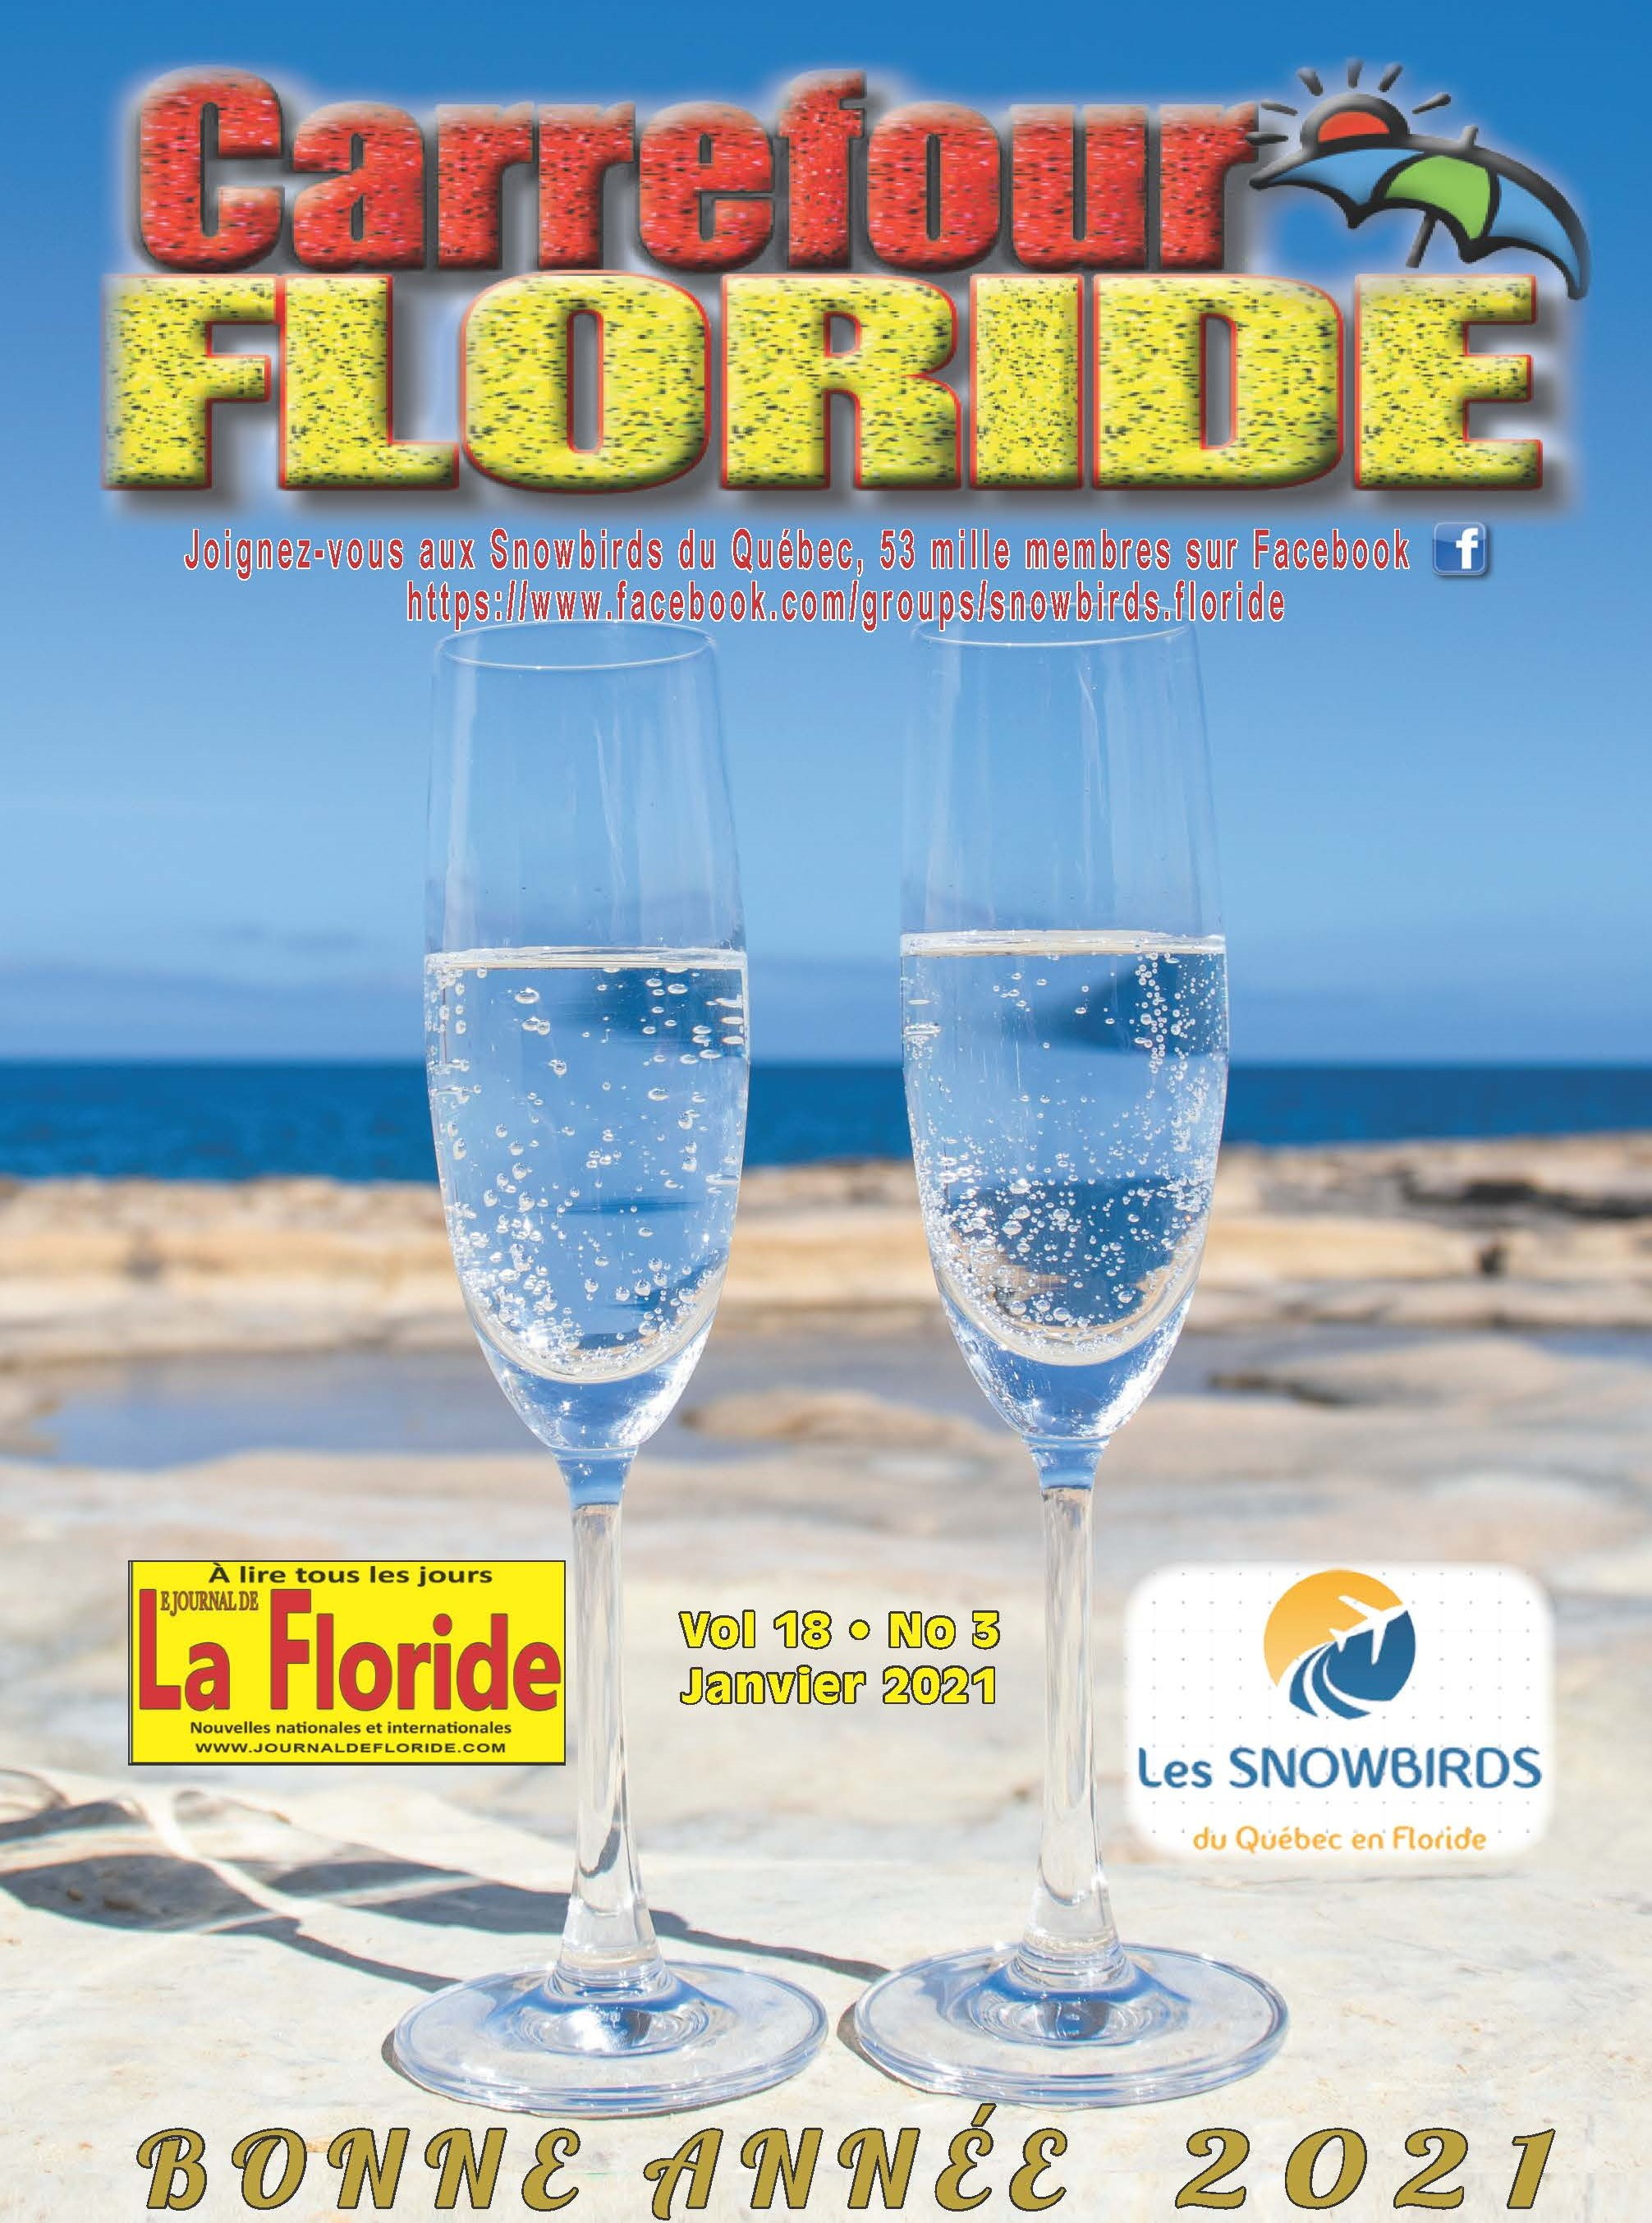 Le magazine Carrefour Floride de janvier est enfin arrivé avec 72 pages d'informations pour vous